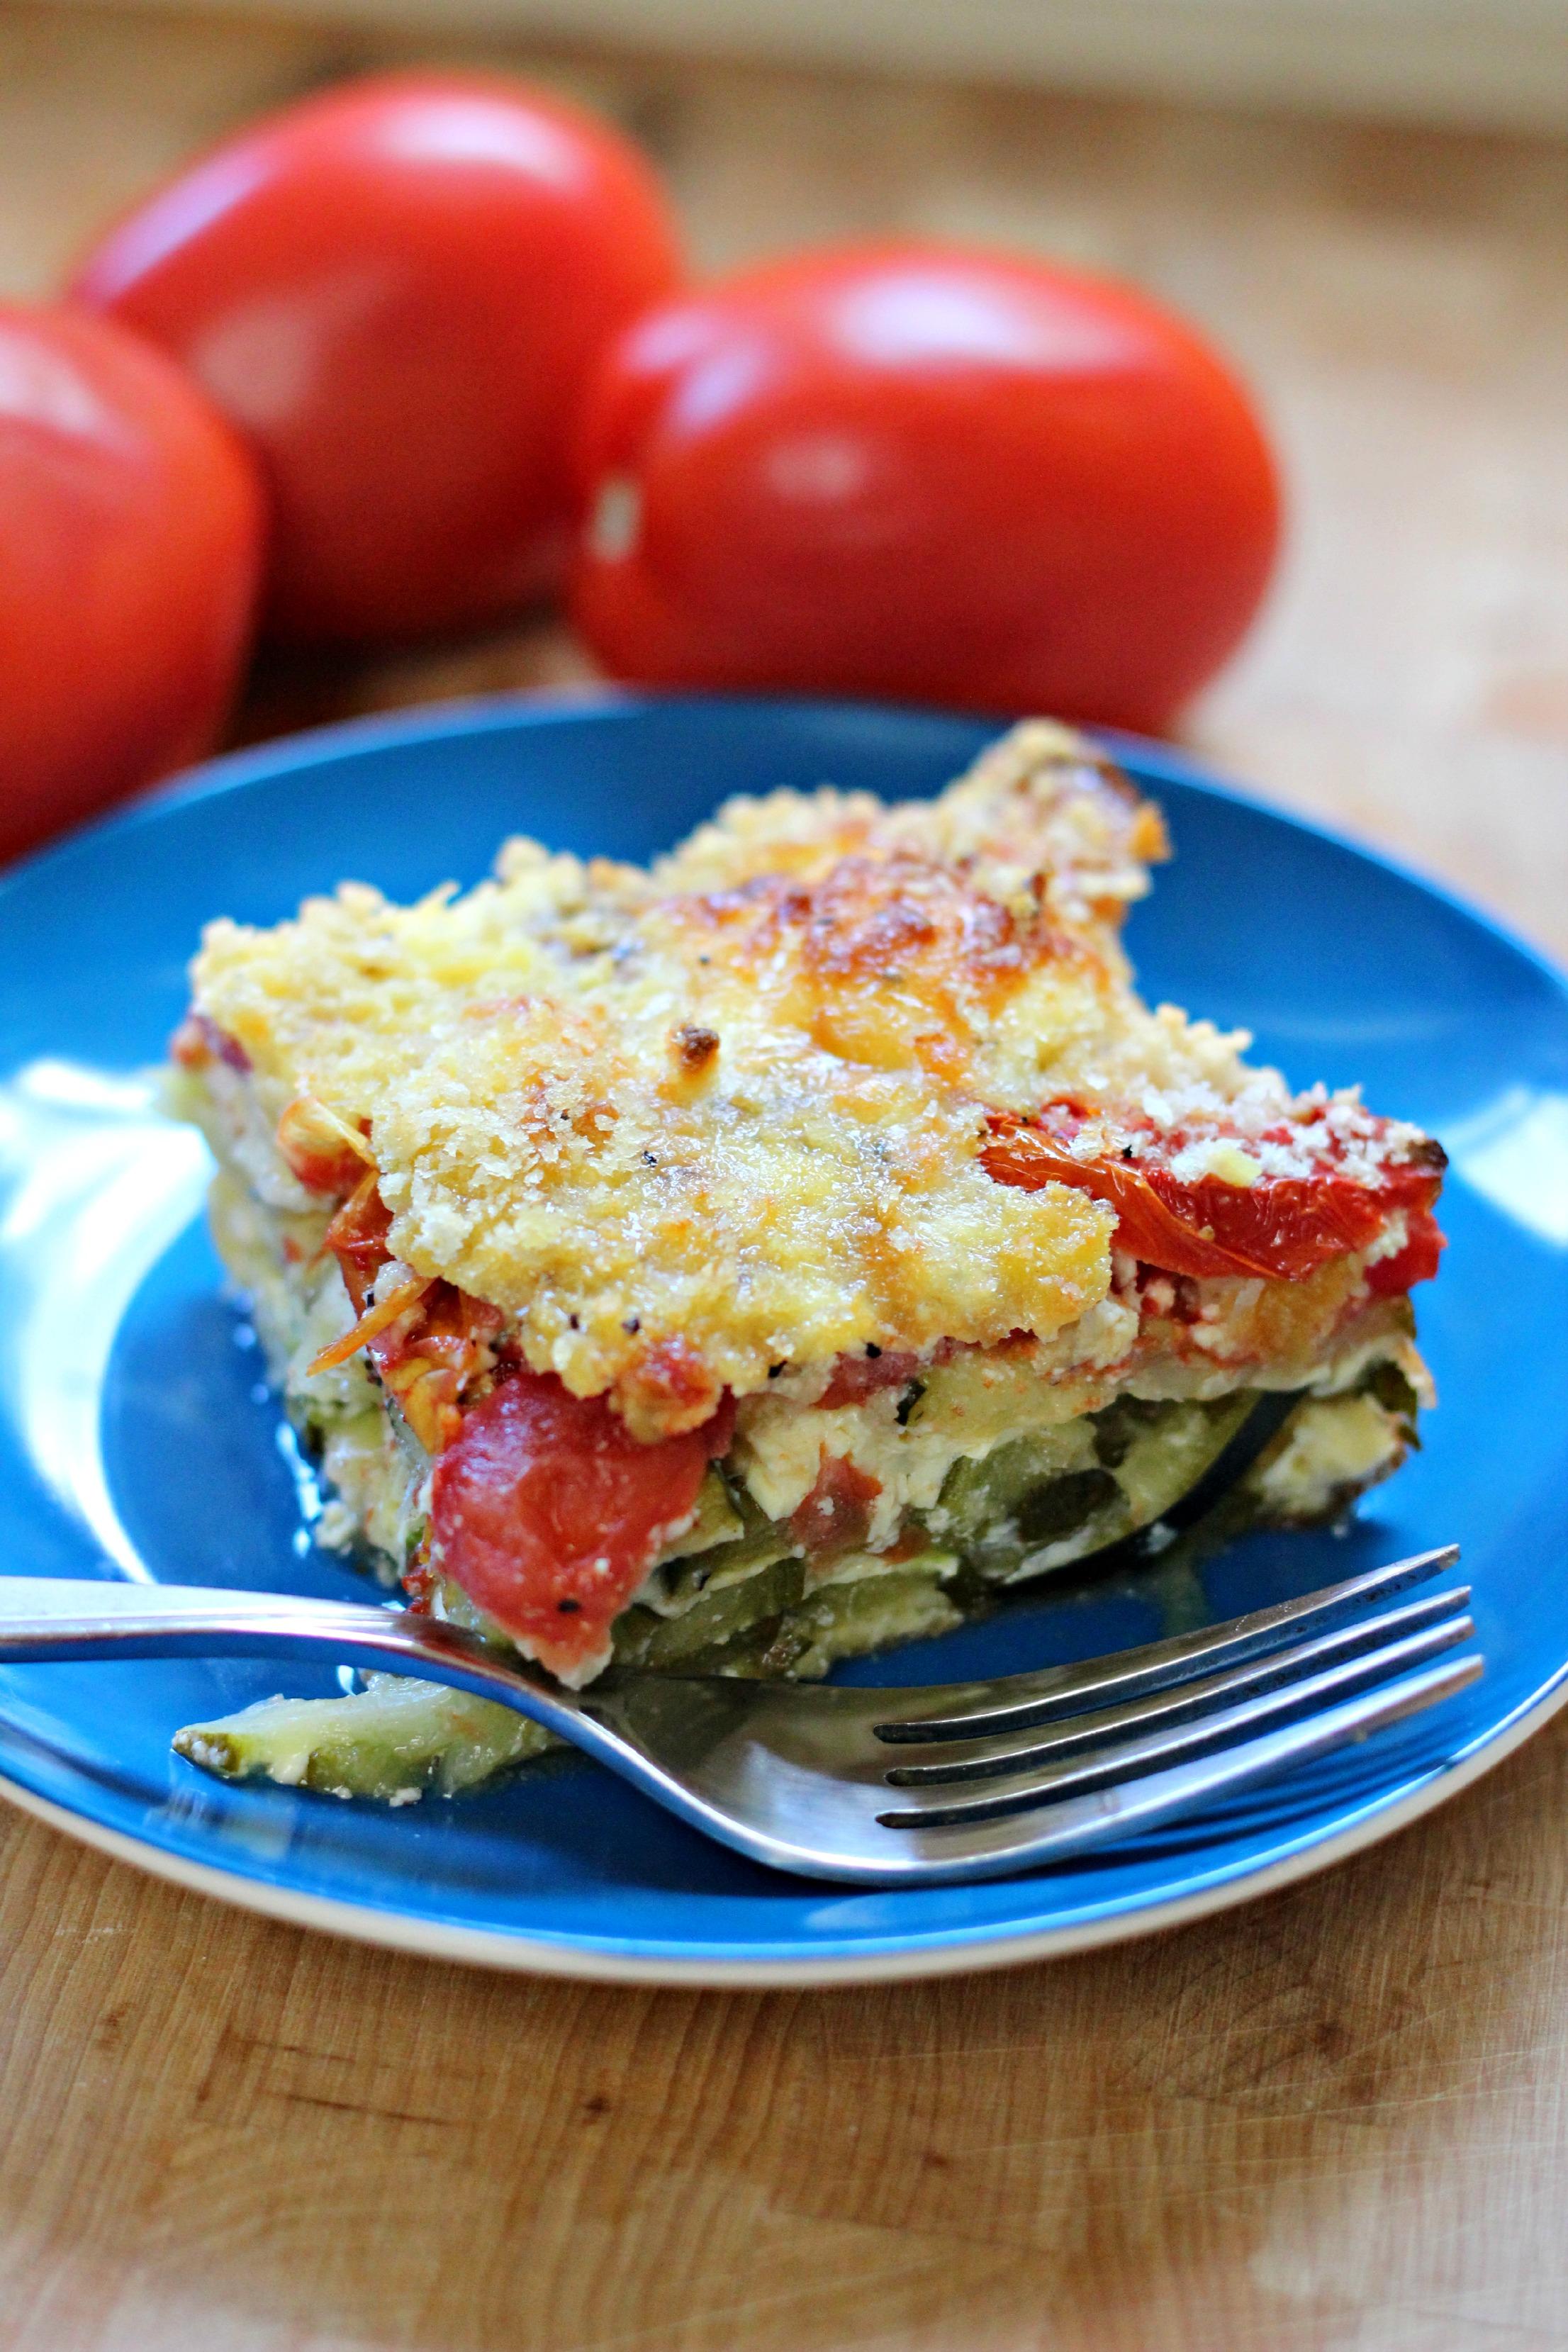 Zucchini Tomato Ricotta Egg Bake